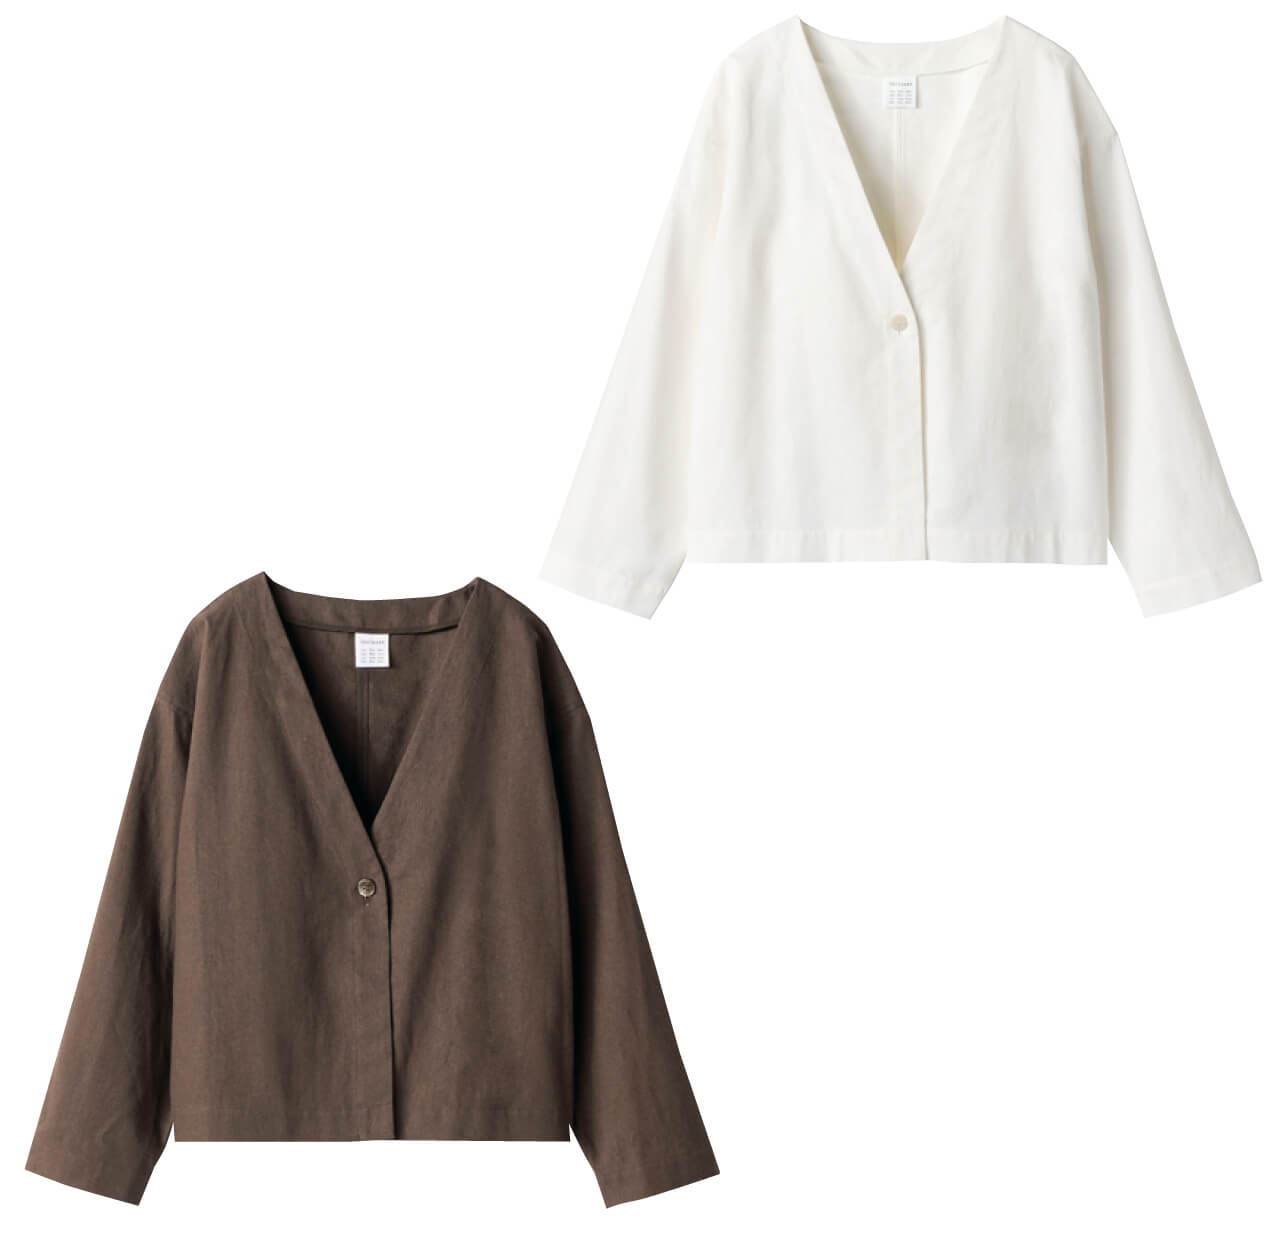 12closet リネンコンパクトジャケット 左:ダークブラウン 右:オフホワイト